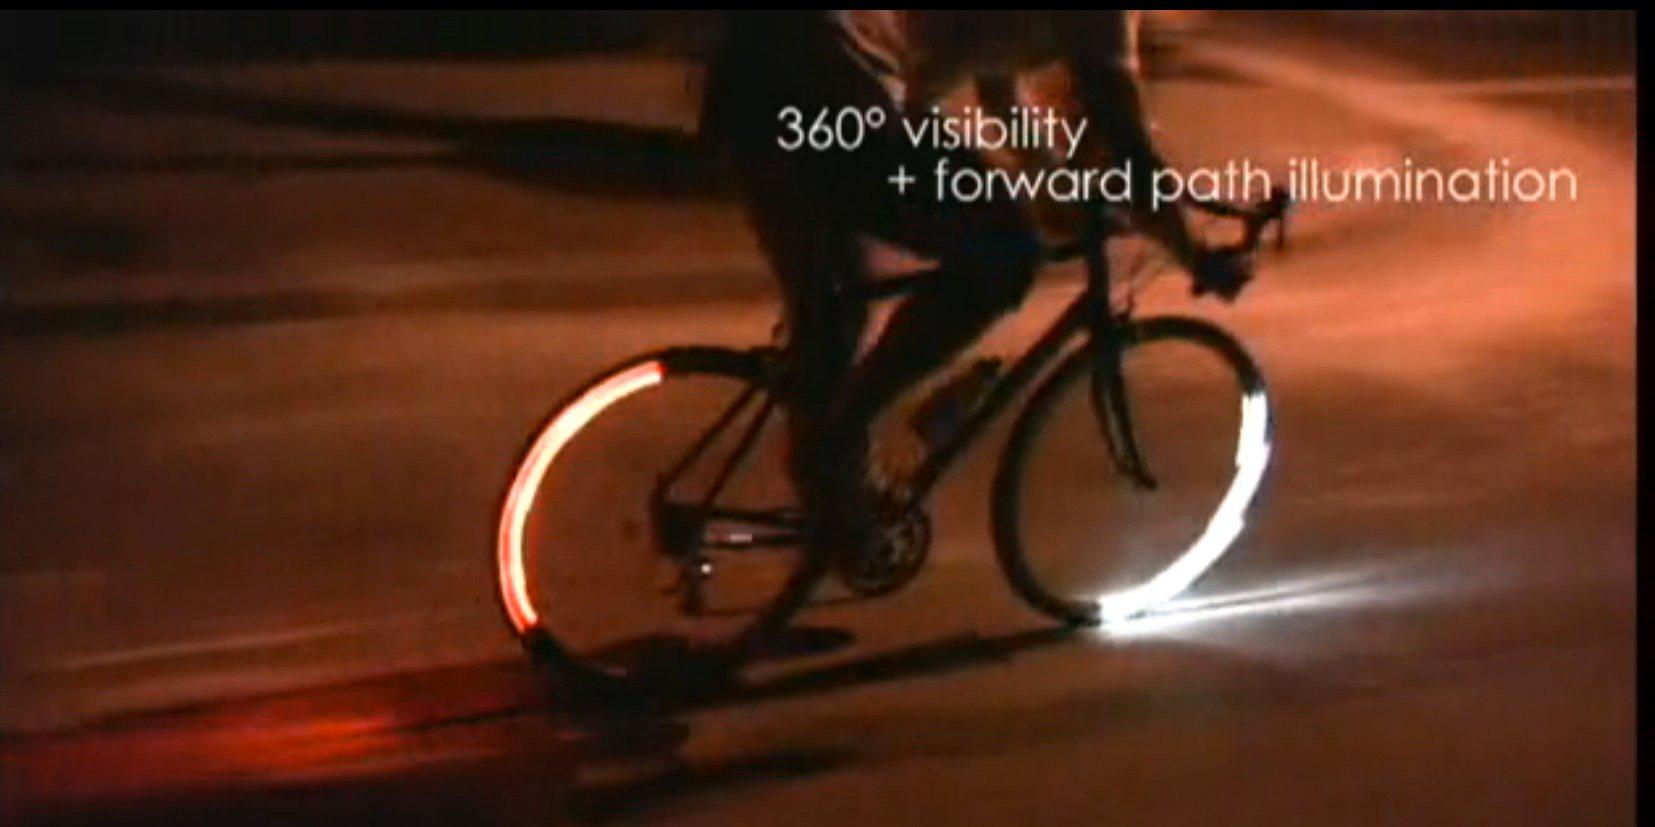 La última revolución: bicicletas con luz inteligente para la noche